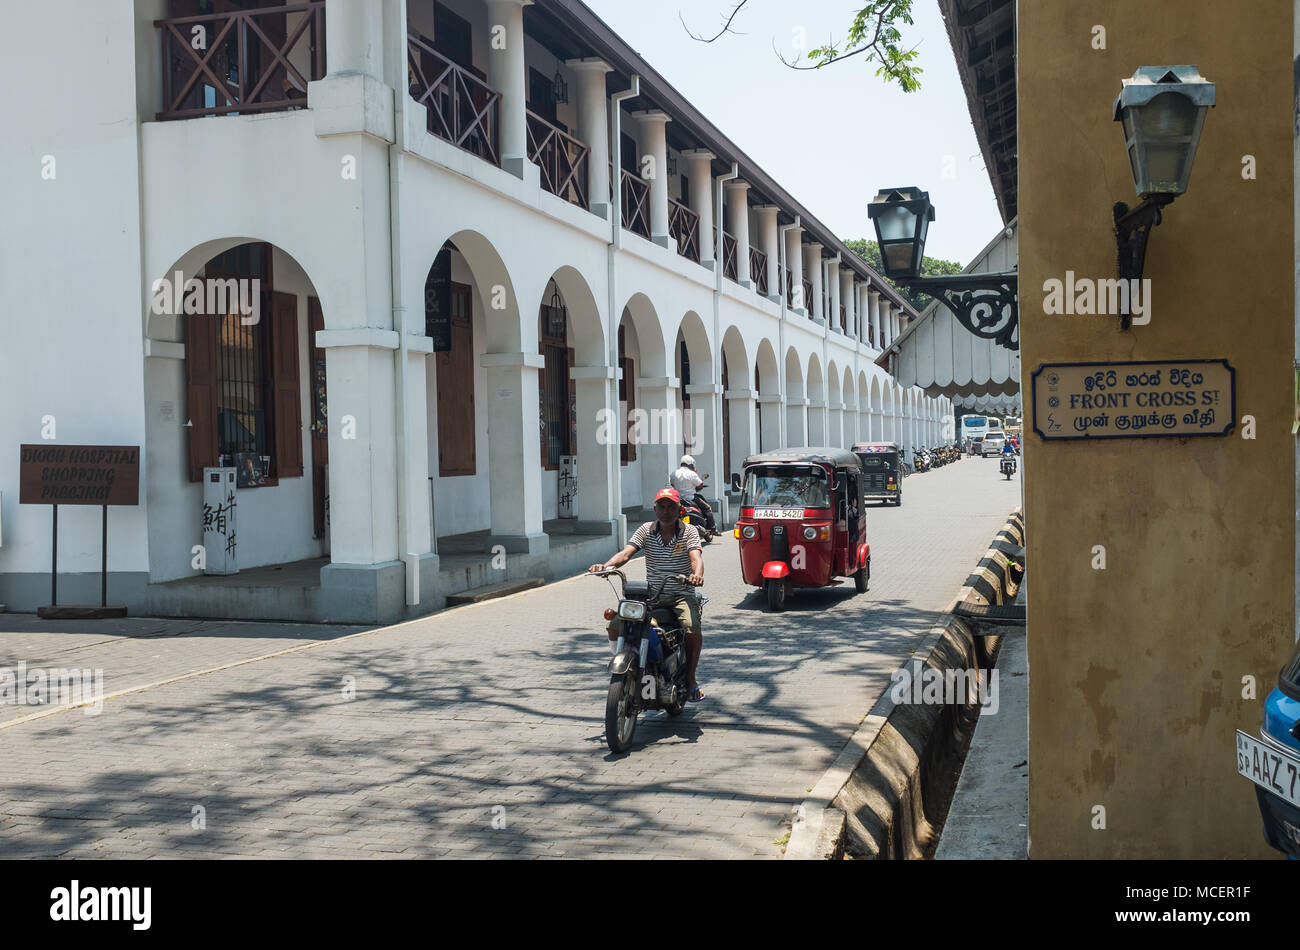 Vehículos que circulan por carretera cerca de Hospital holandés recinto comercial, Galle, Sri Lanka, Asia. Imagen De Stock